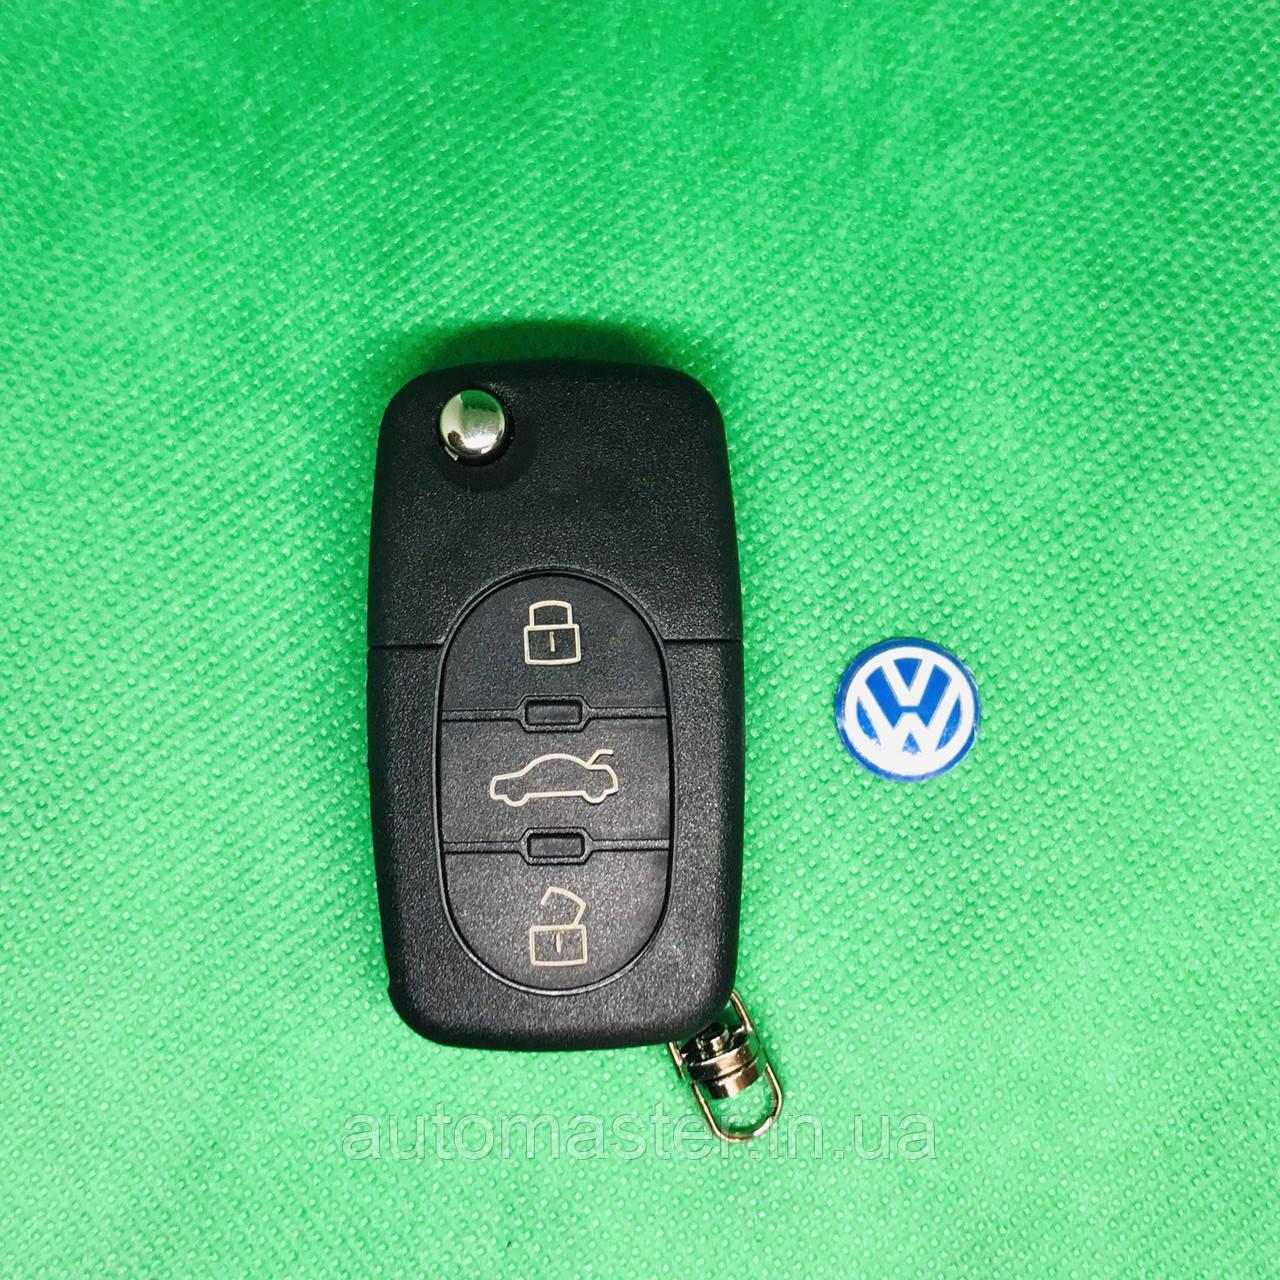 Корпус выкидного авто ключа Volkswagen Фольксваген Passat Пассат Бора Поло 3 кнопки